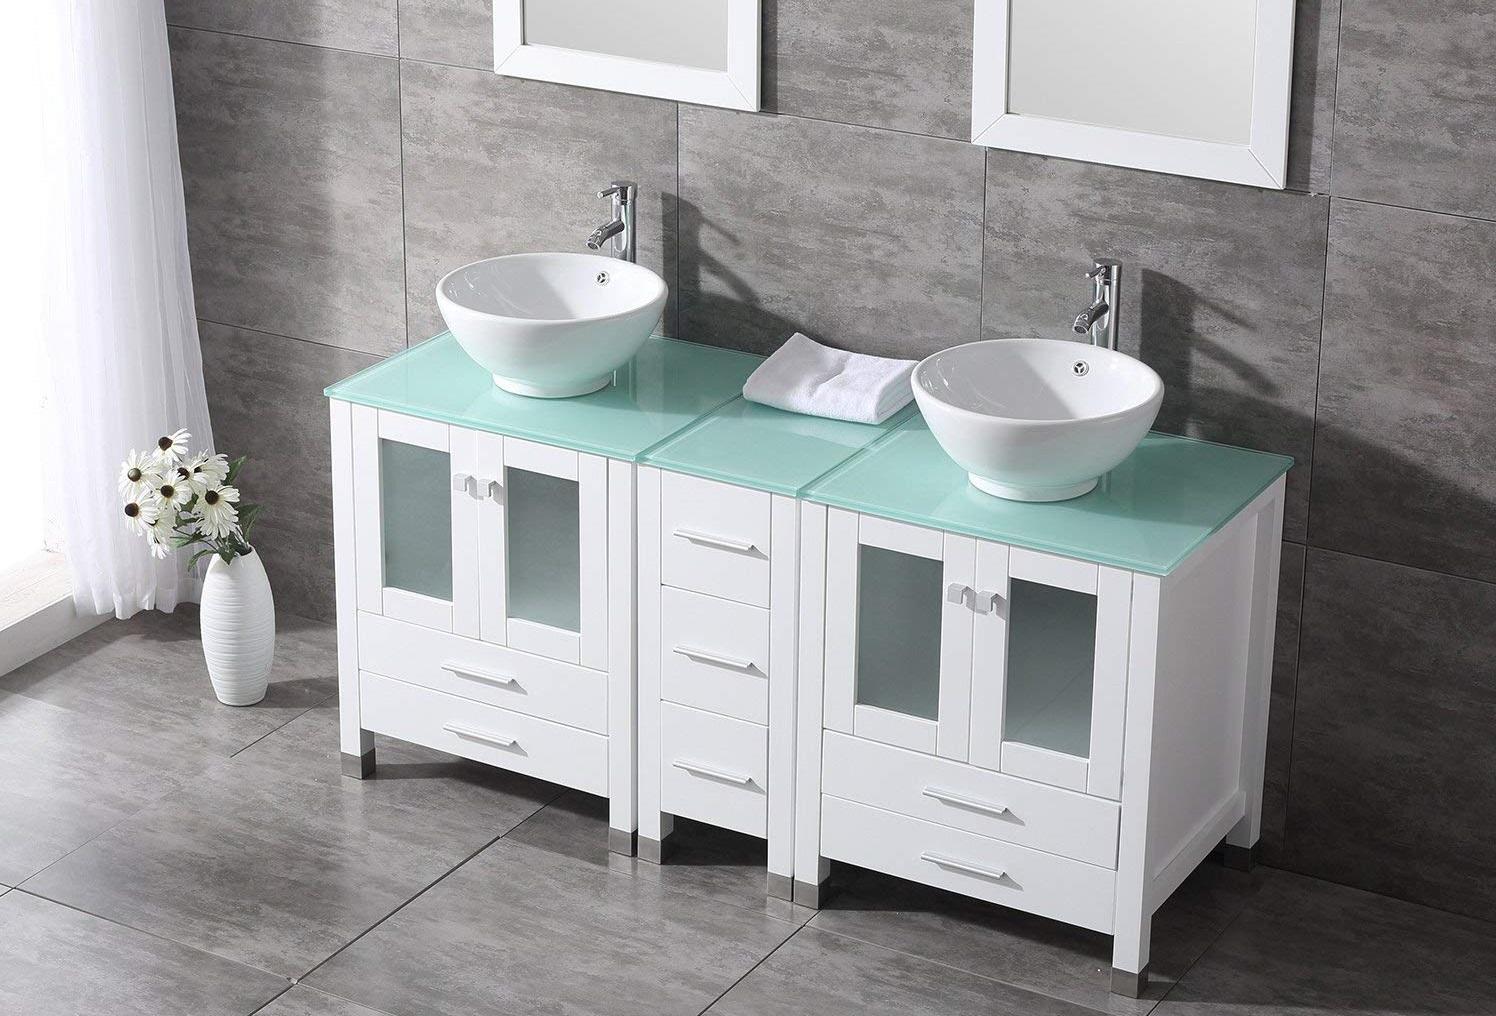 lavamanos doble con almacenamiento